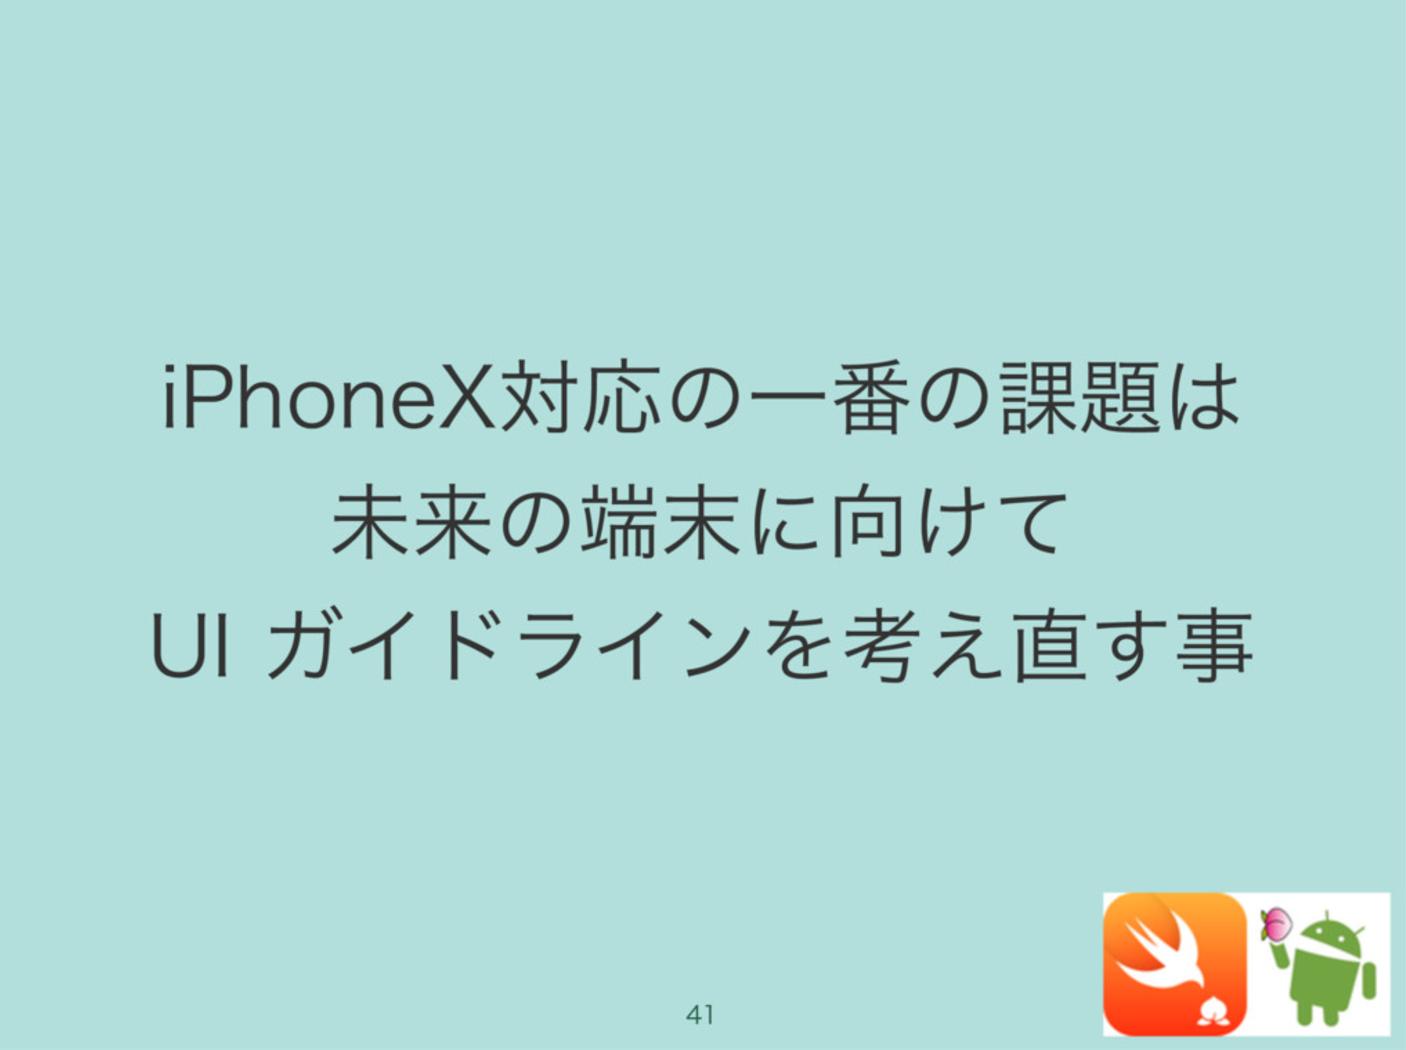 スクリーンショット 2017-09-20 23.59.56.png